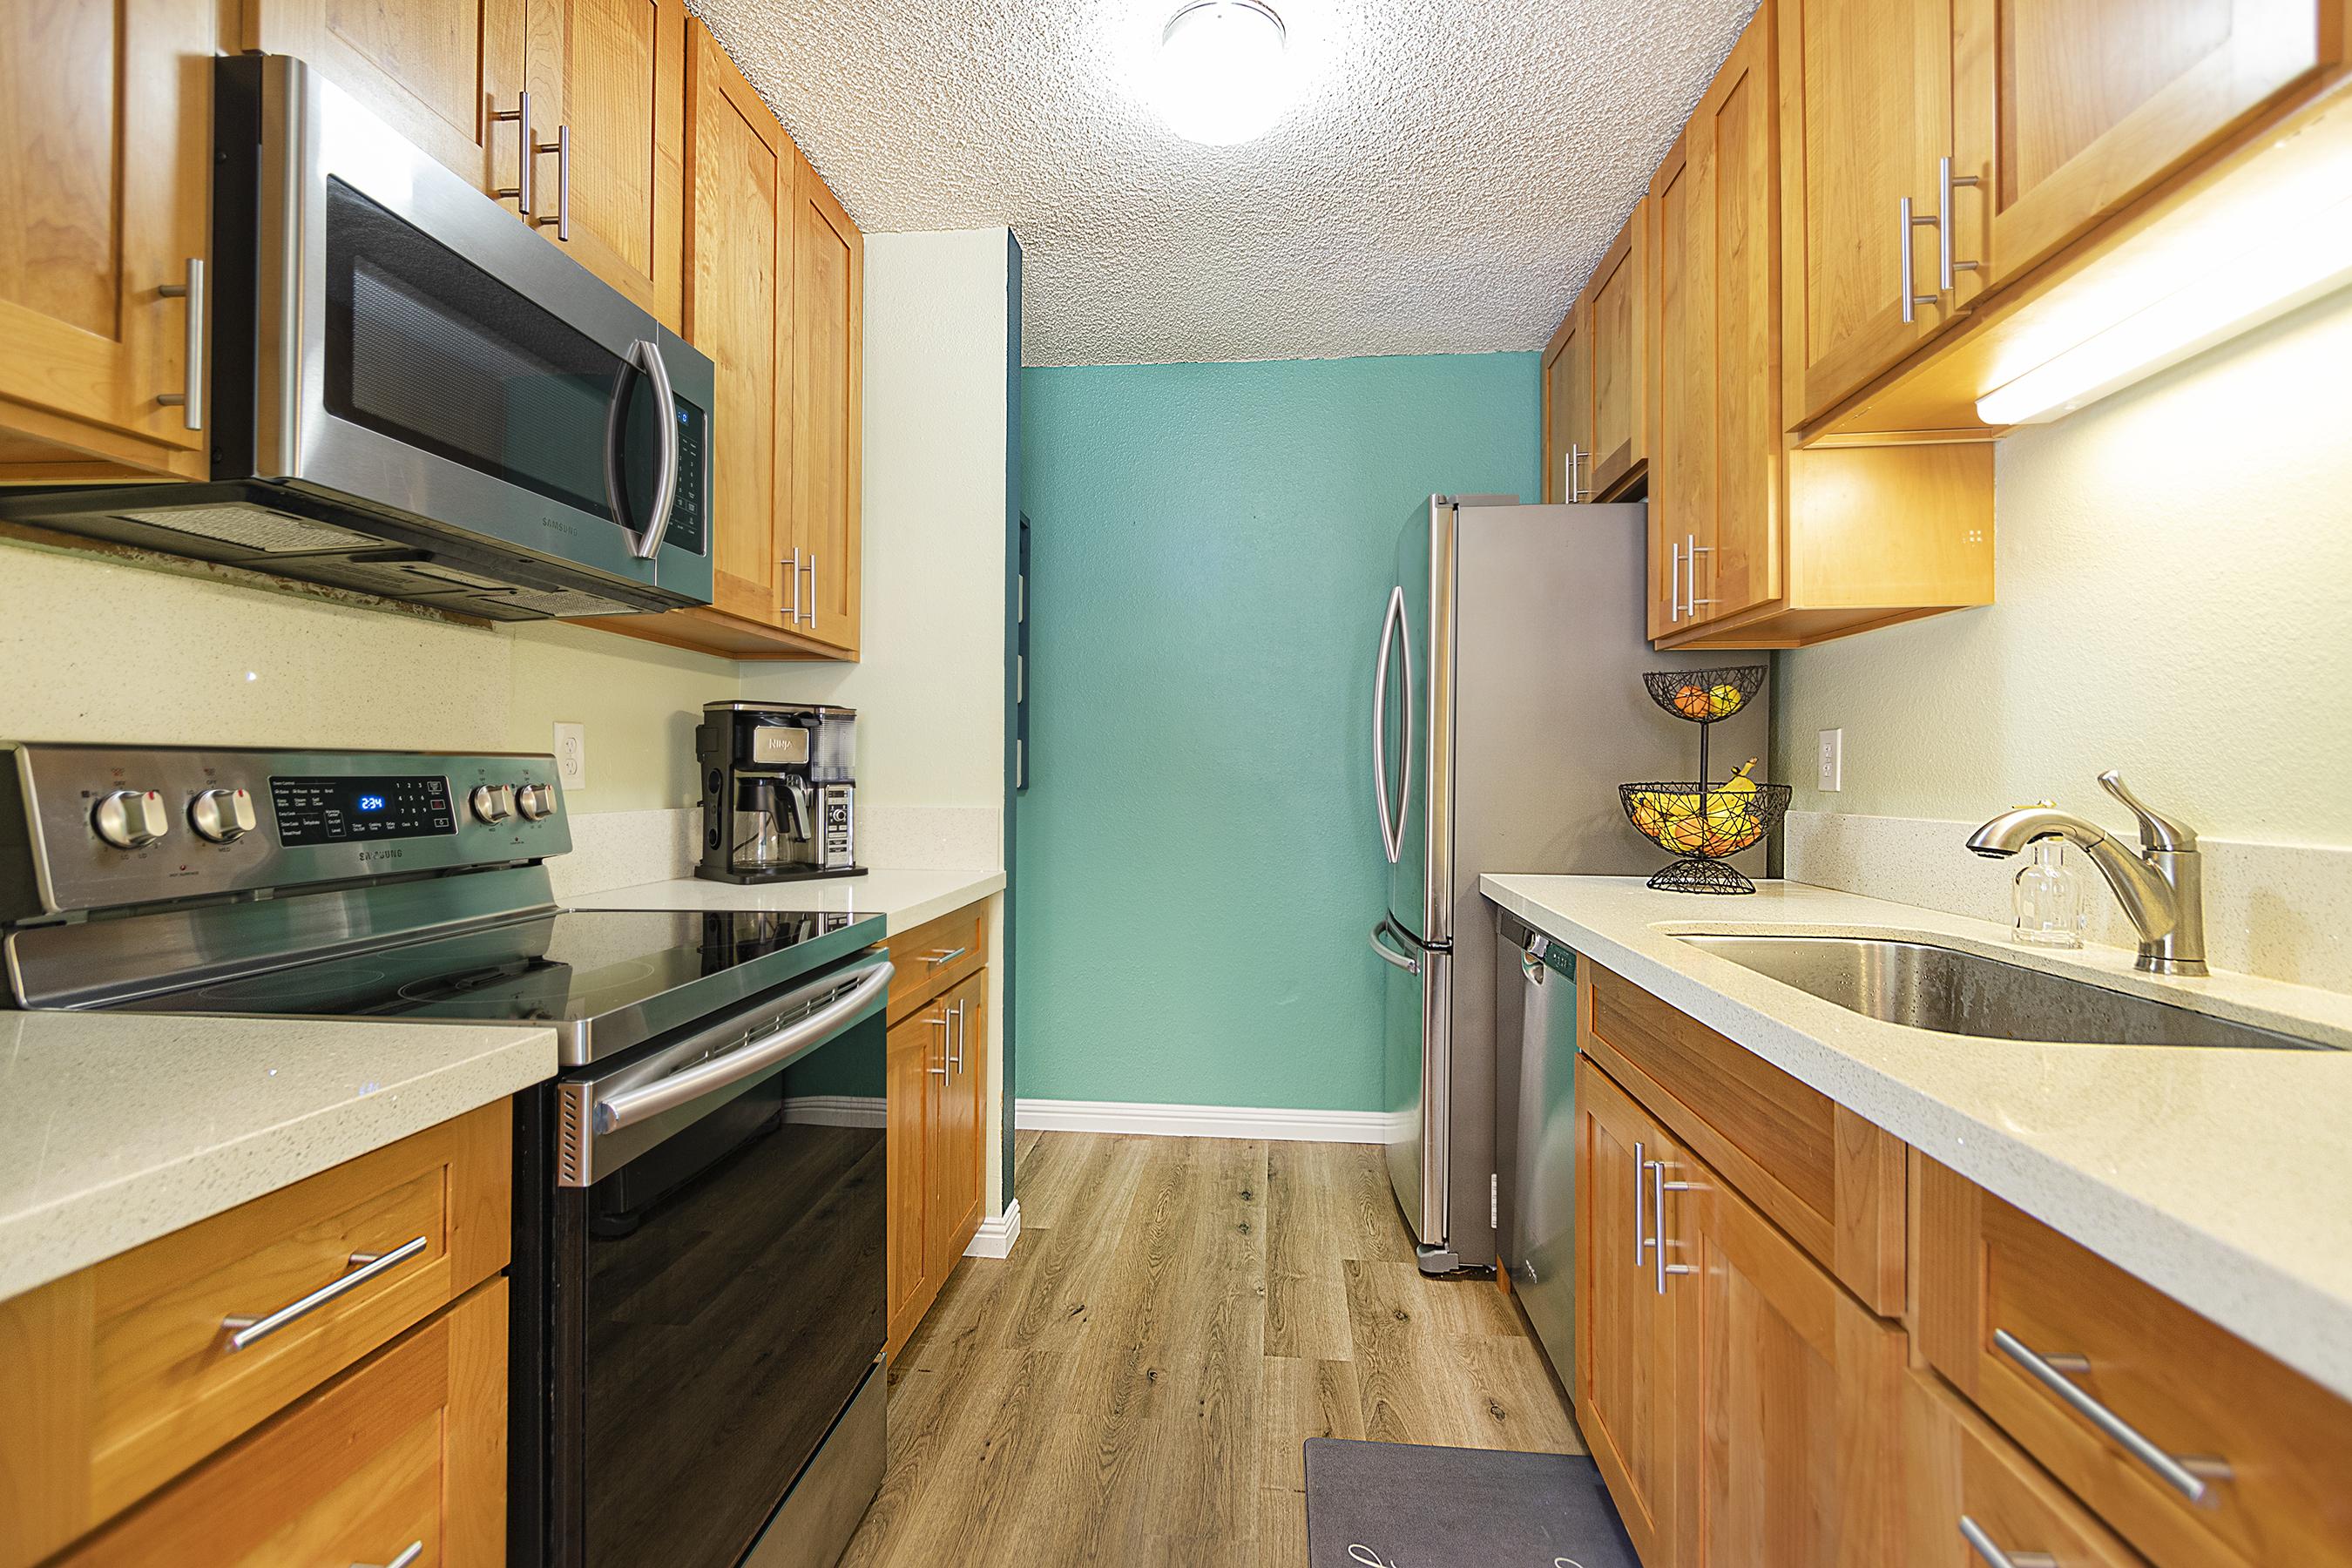 Kitchen at 2532 Akepa St, Pearl City